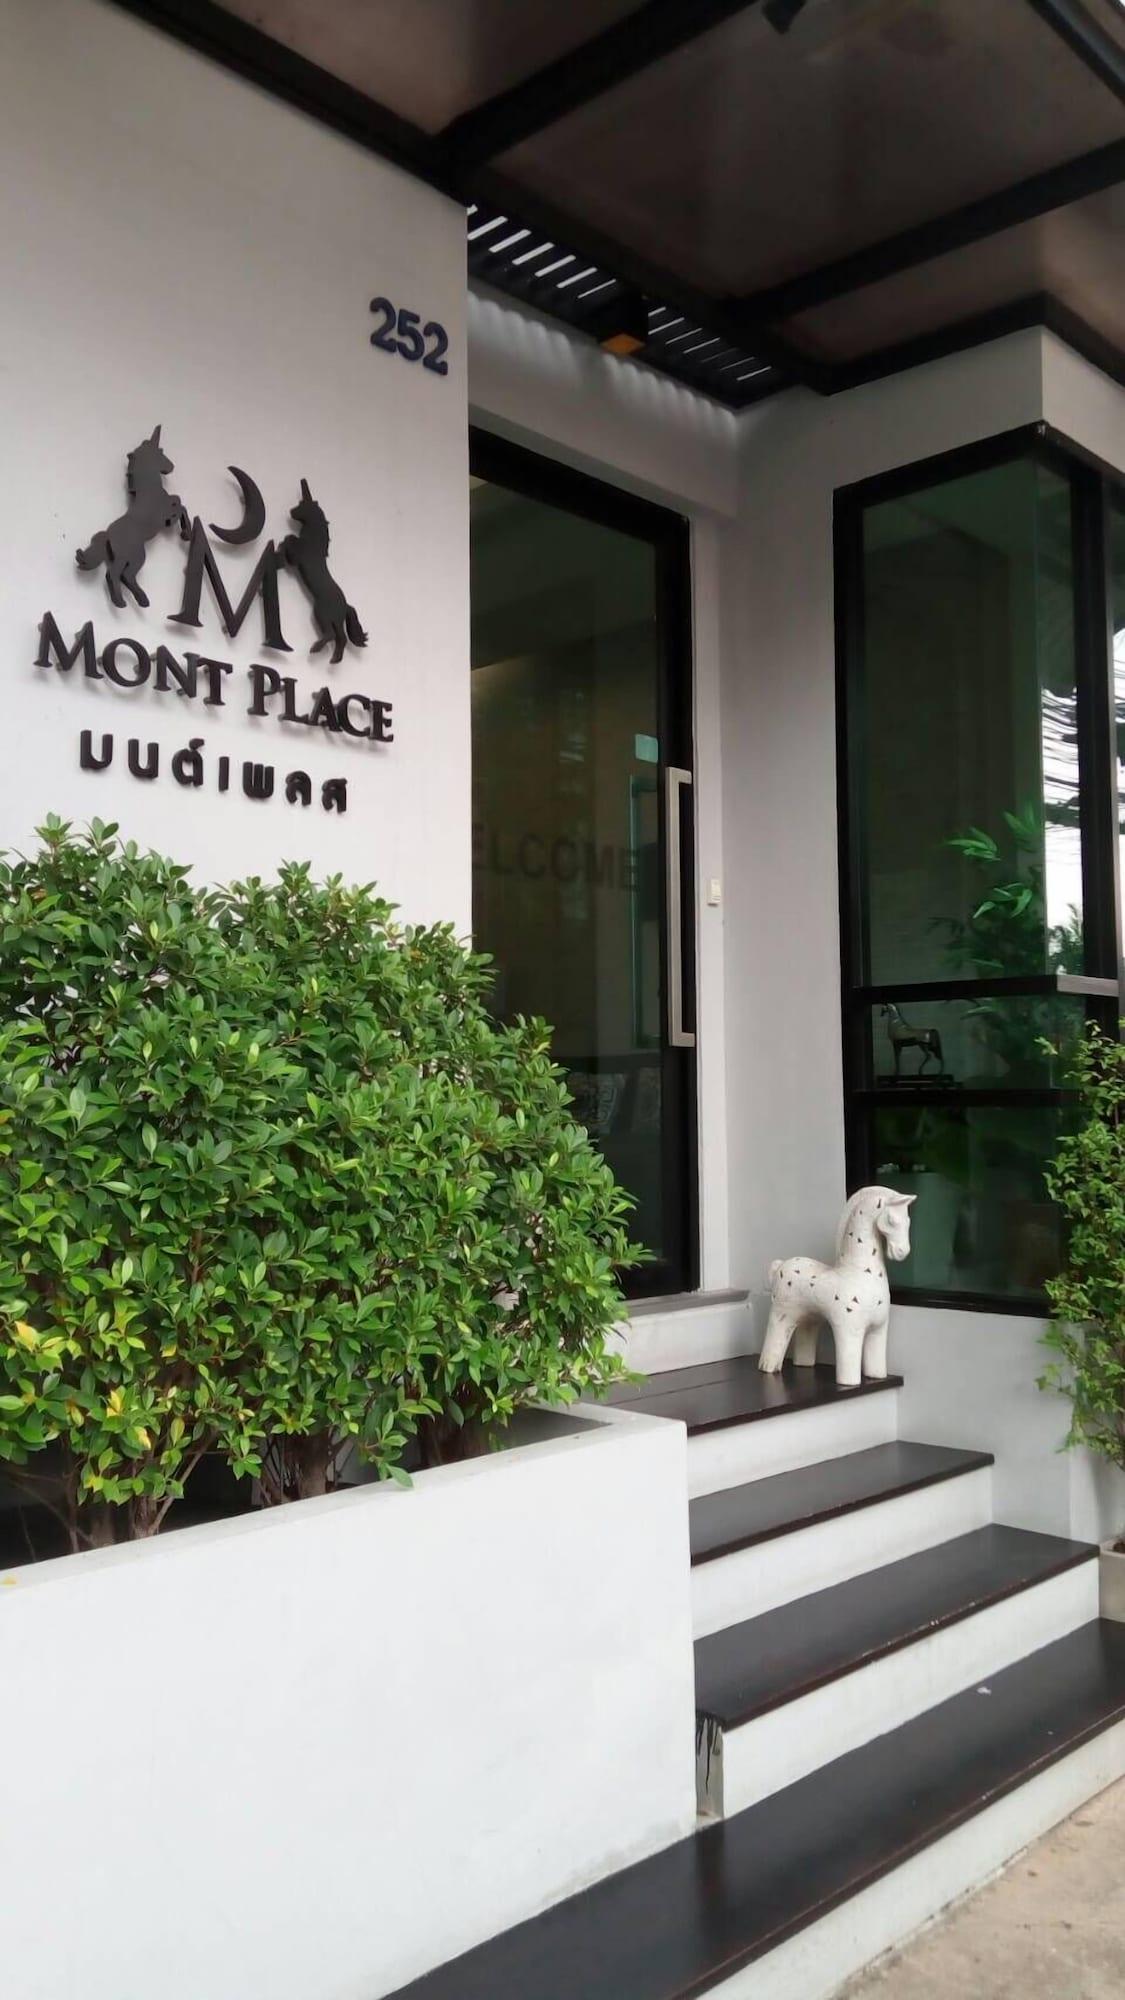 Mont Place Donmuang, Don Muang